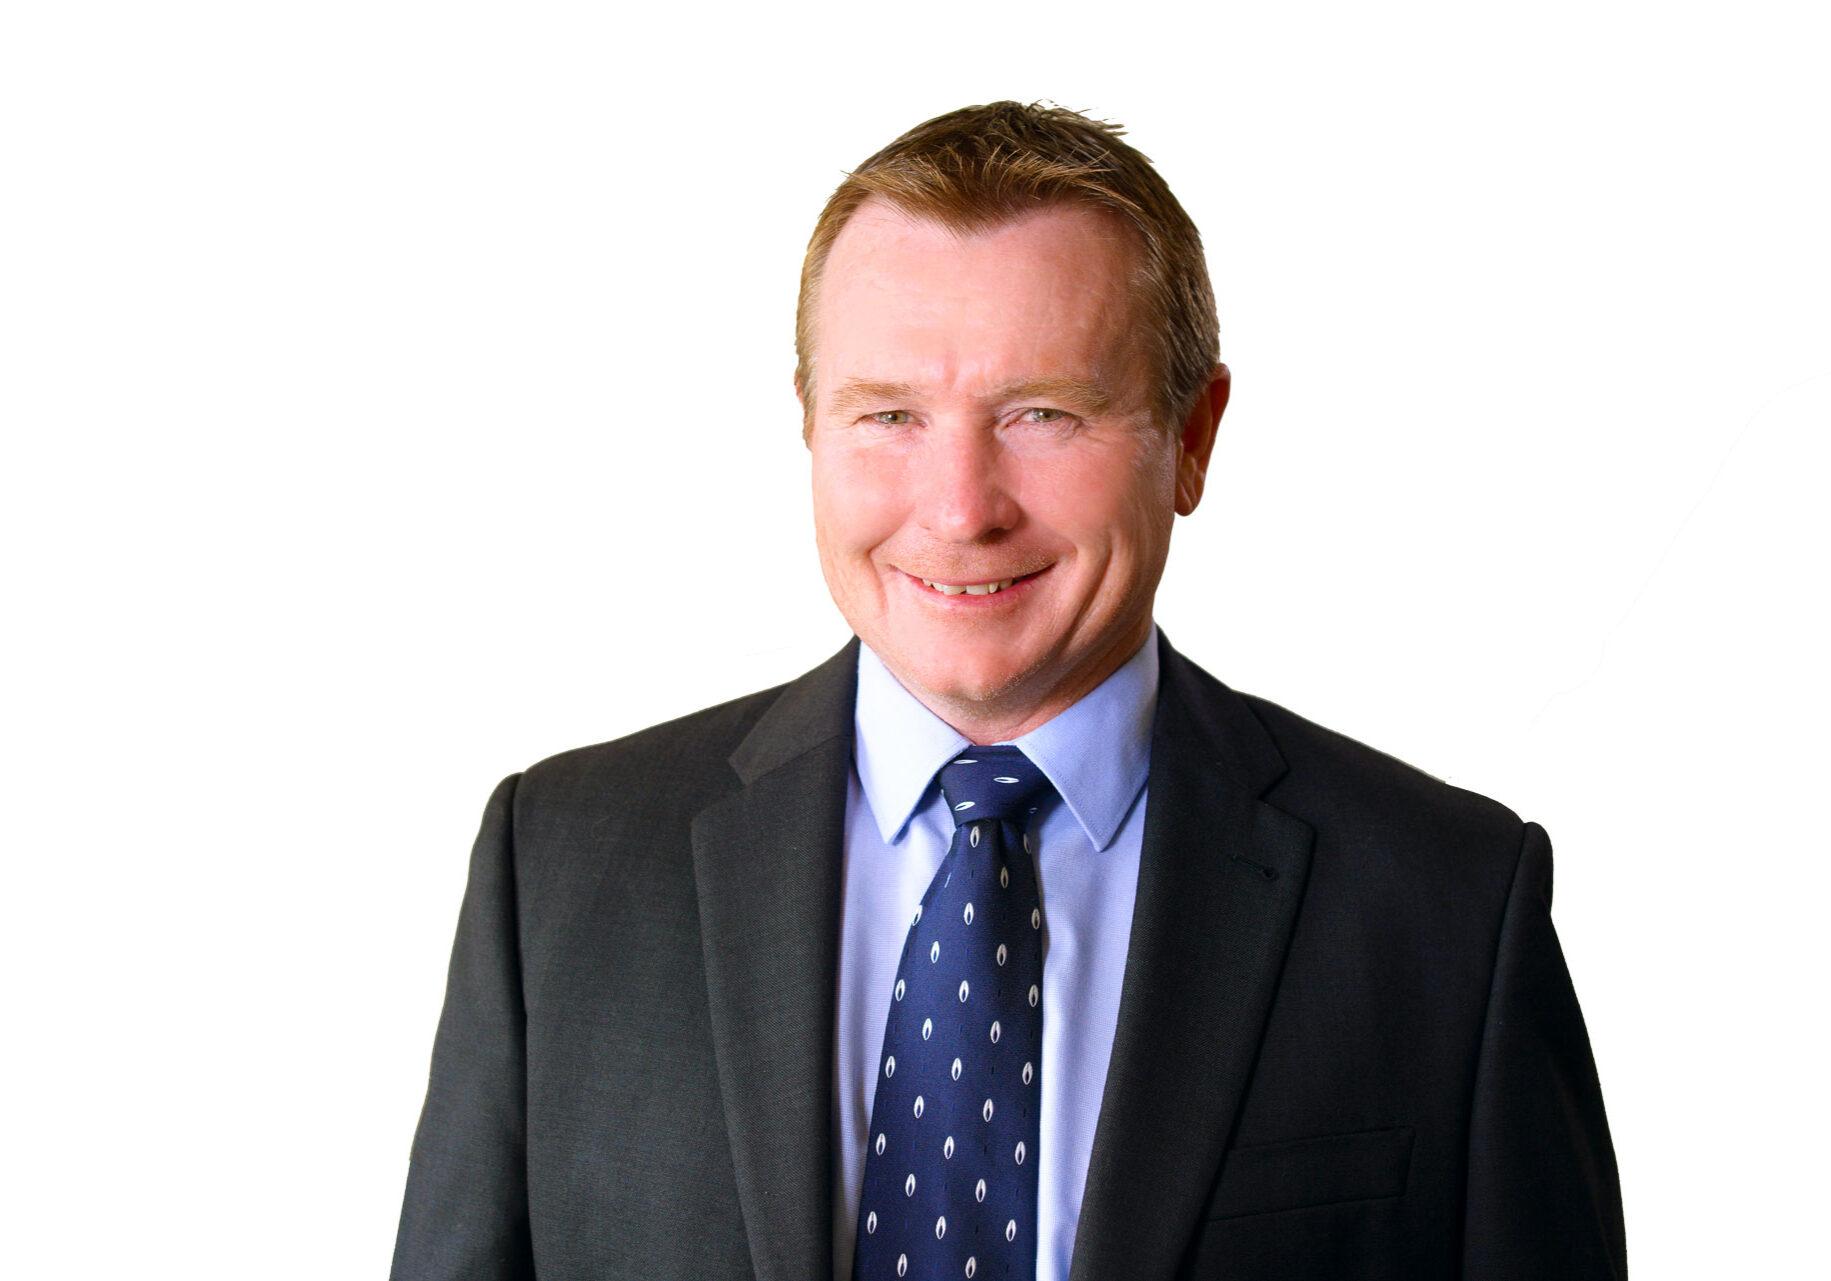 Steve Ablett